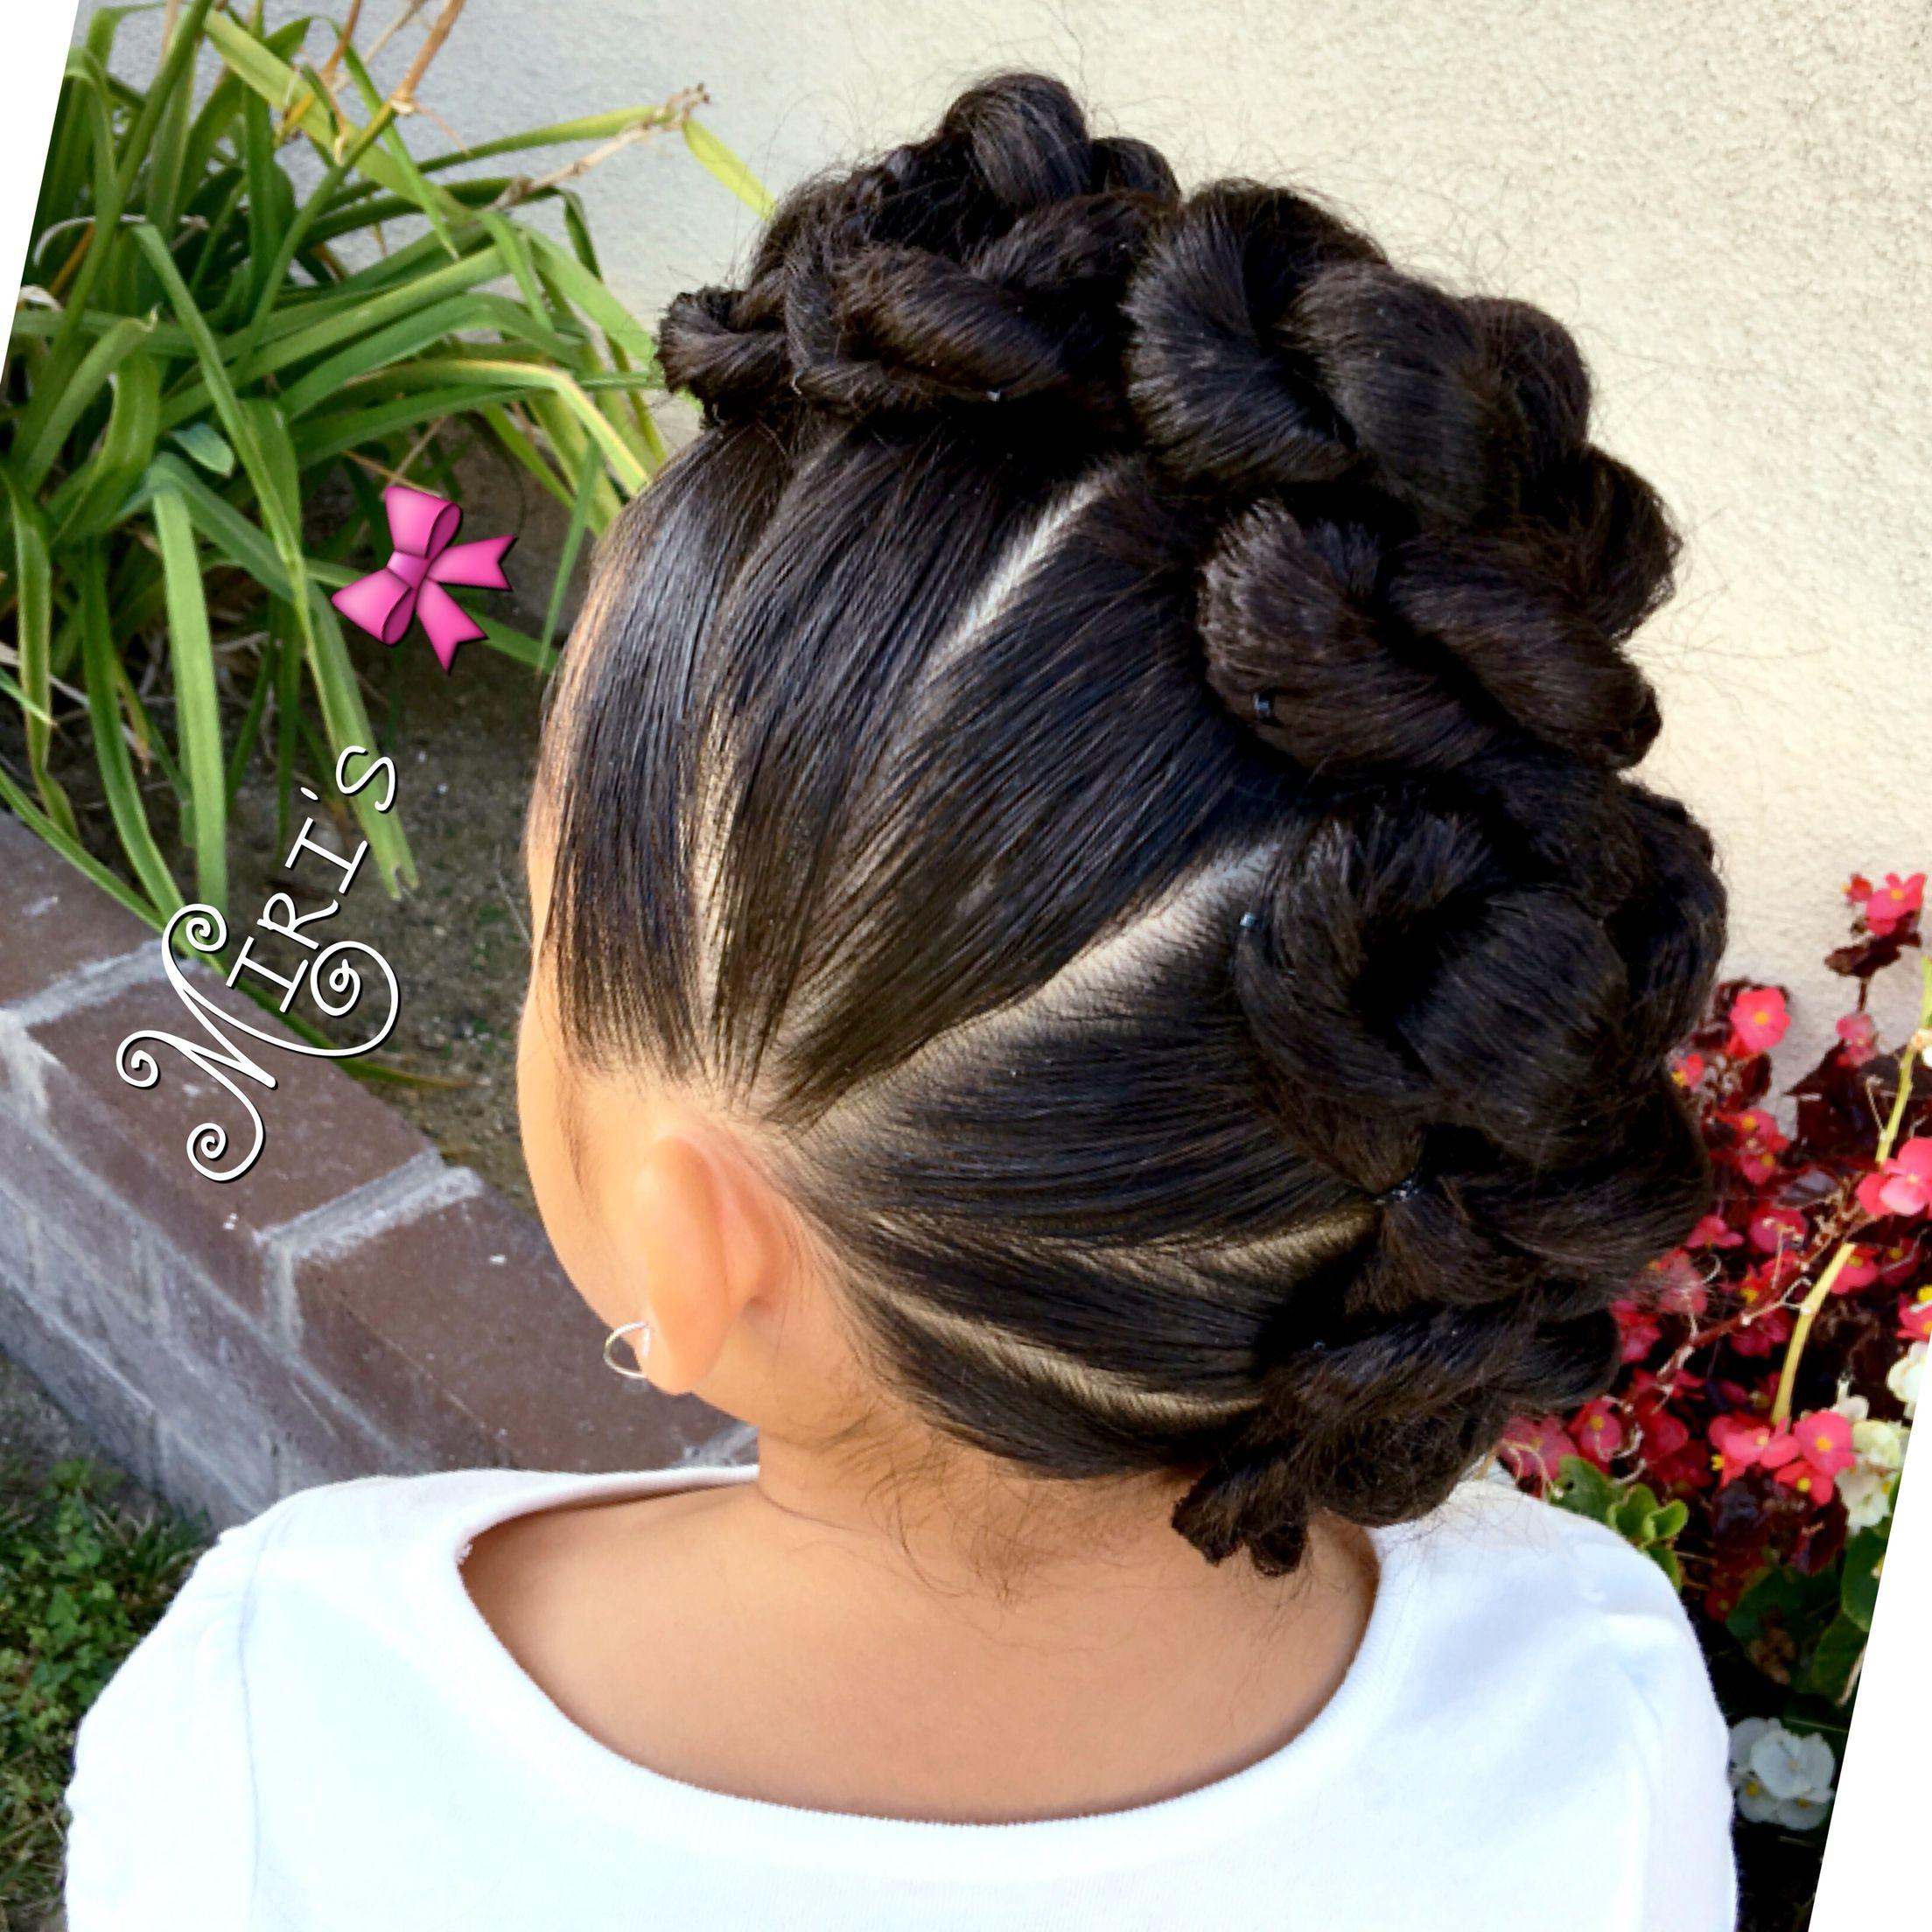 Mohawk hair style for little girls kids hair pinterest mohawk